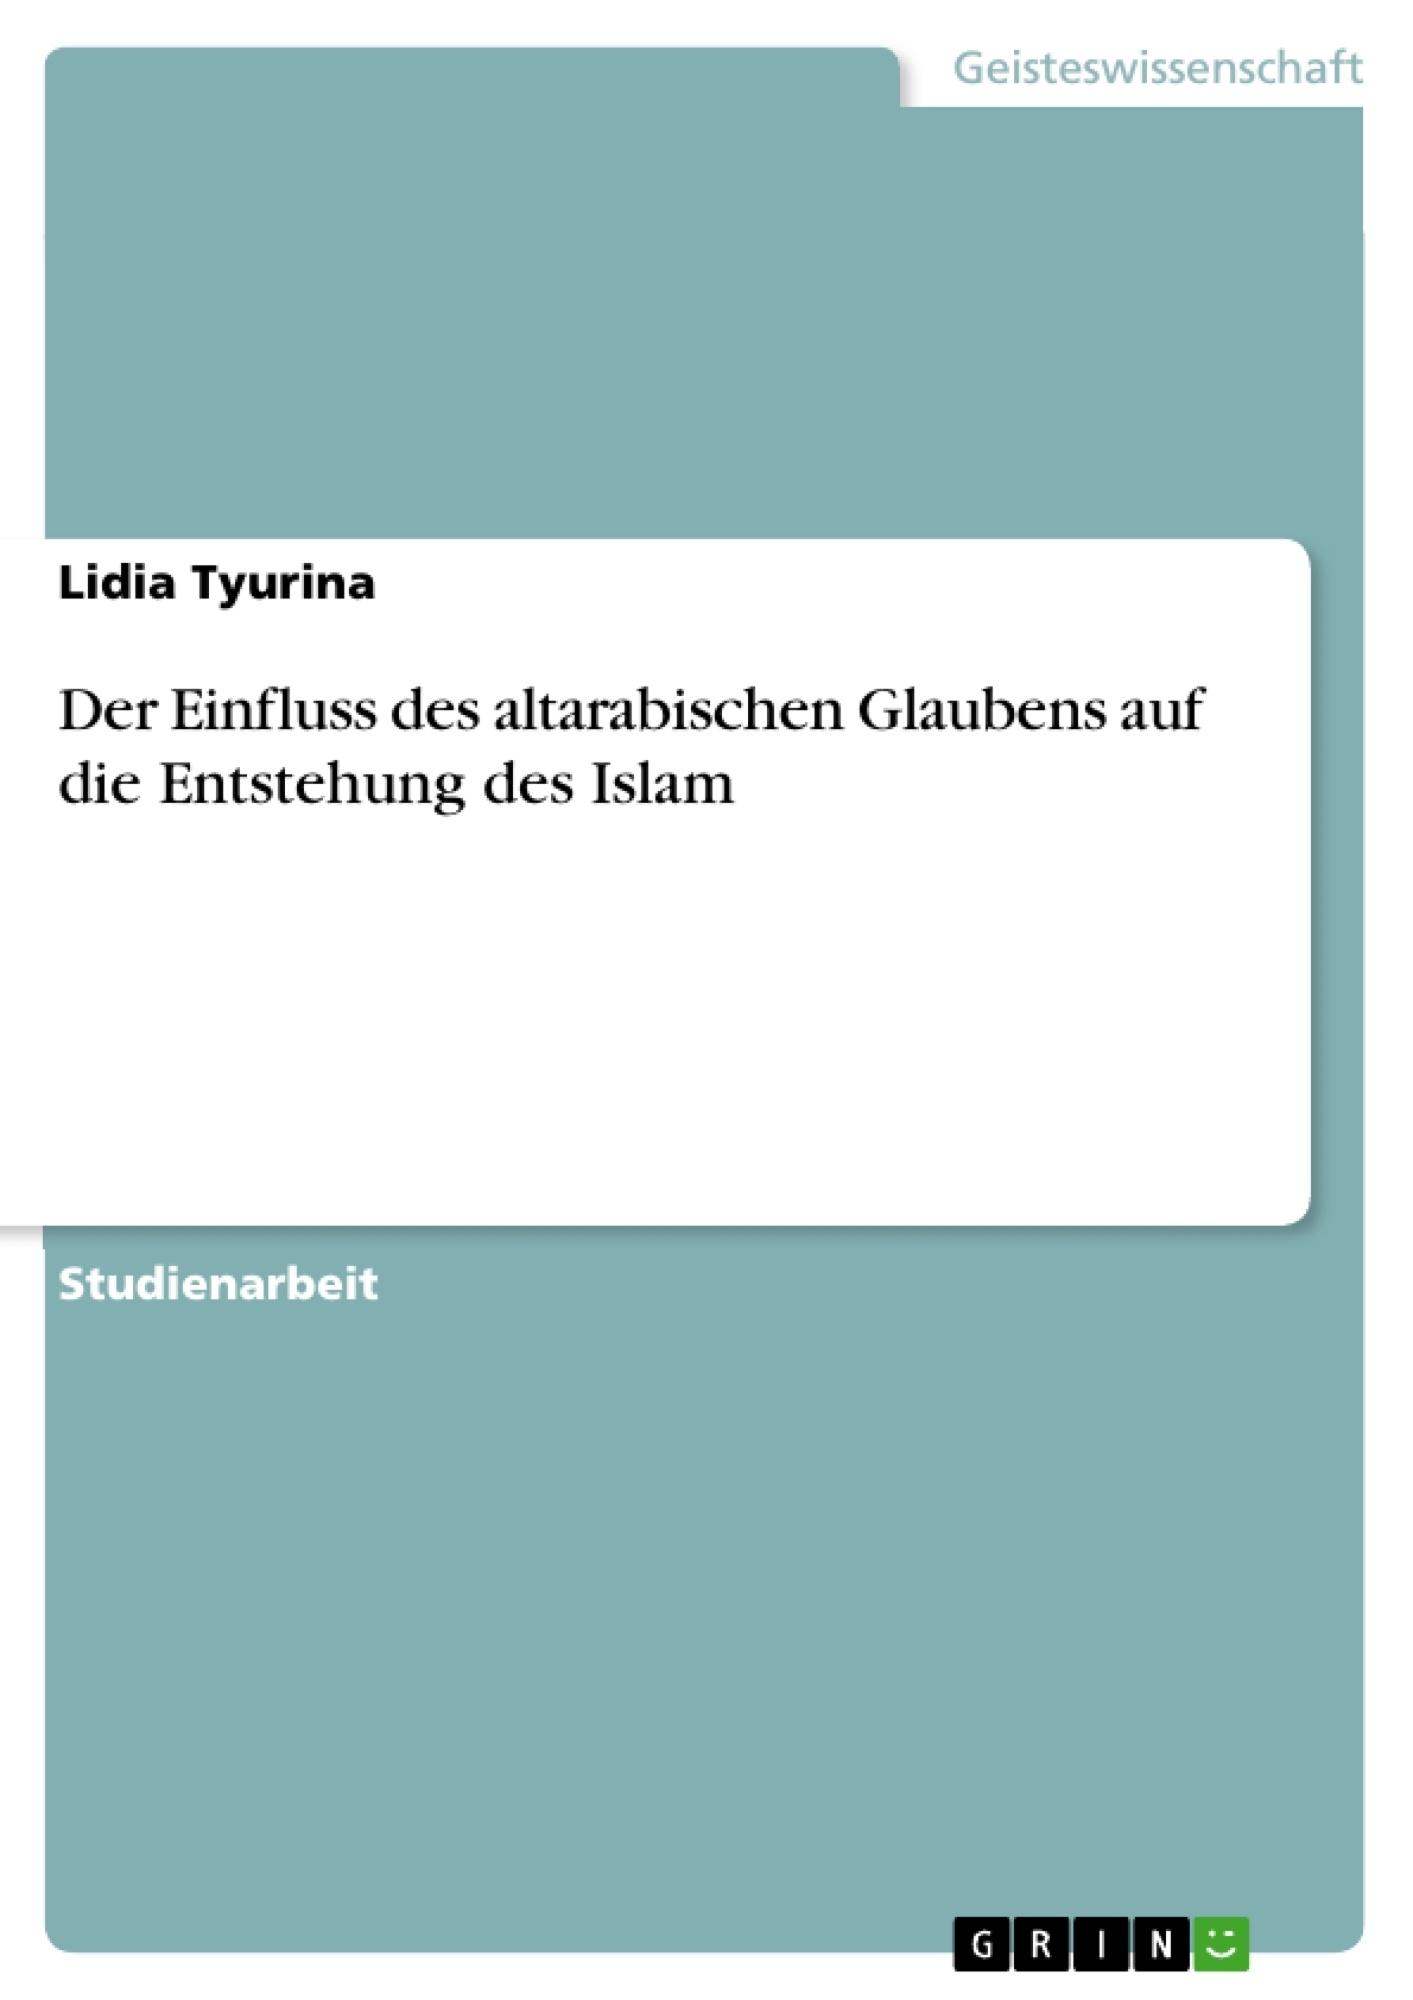 Titel: Der Einfluss des altarabischen Glaubens auf die Entstehung des Islam